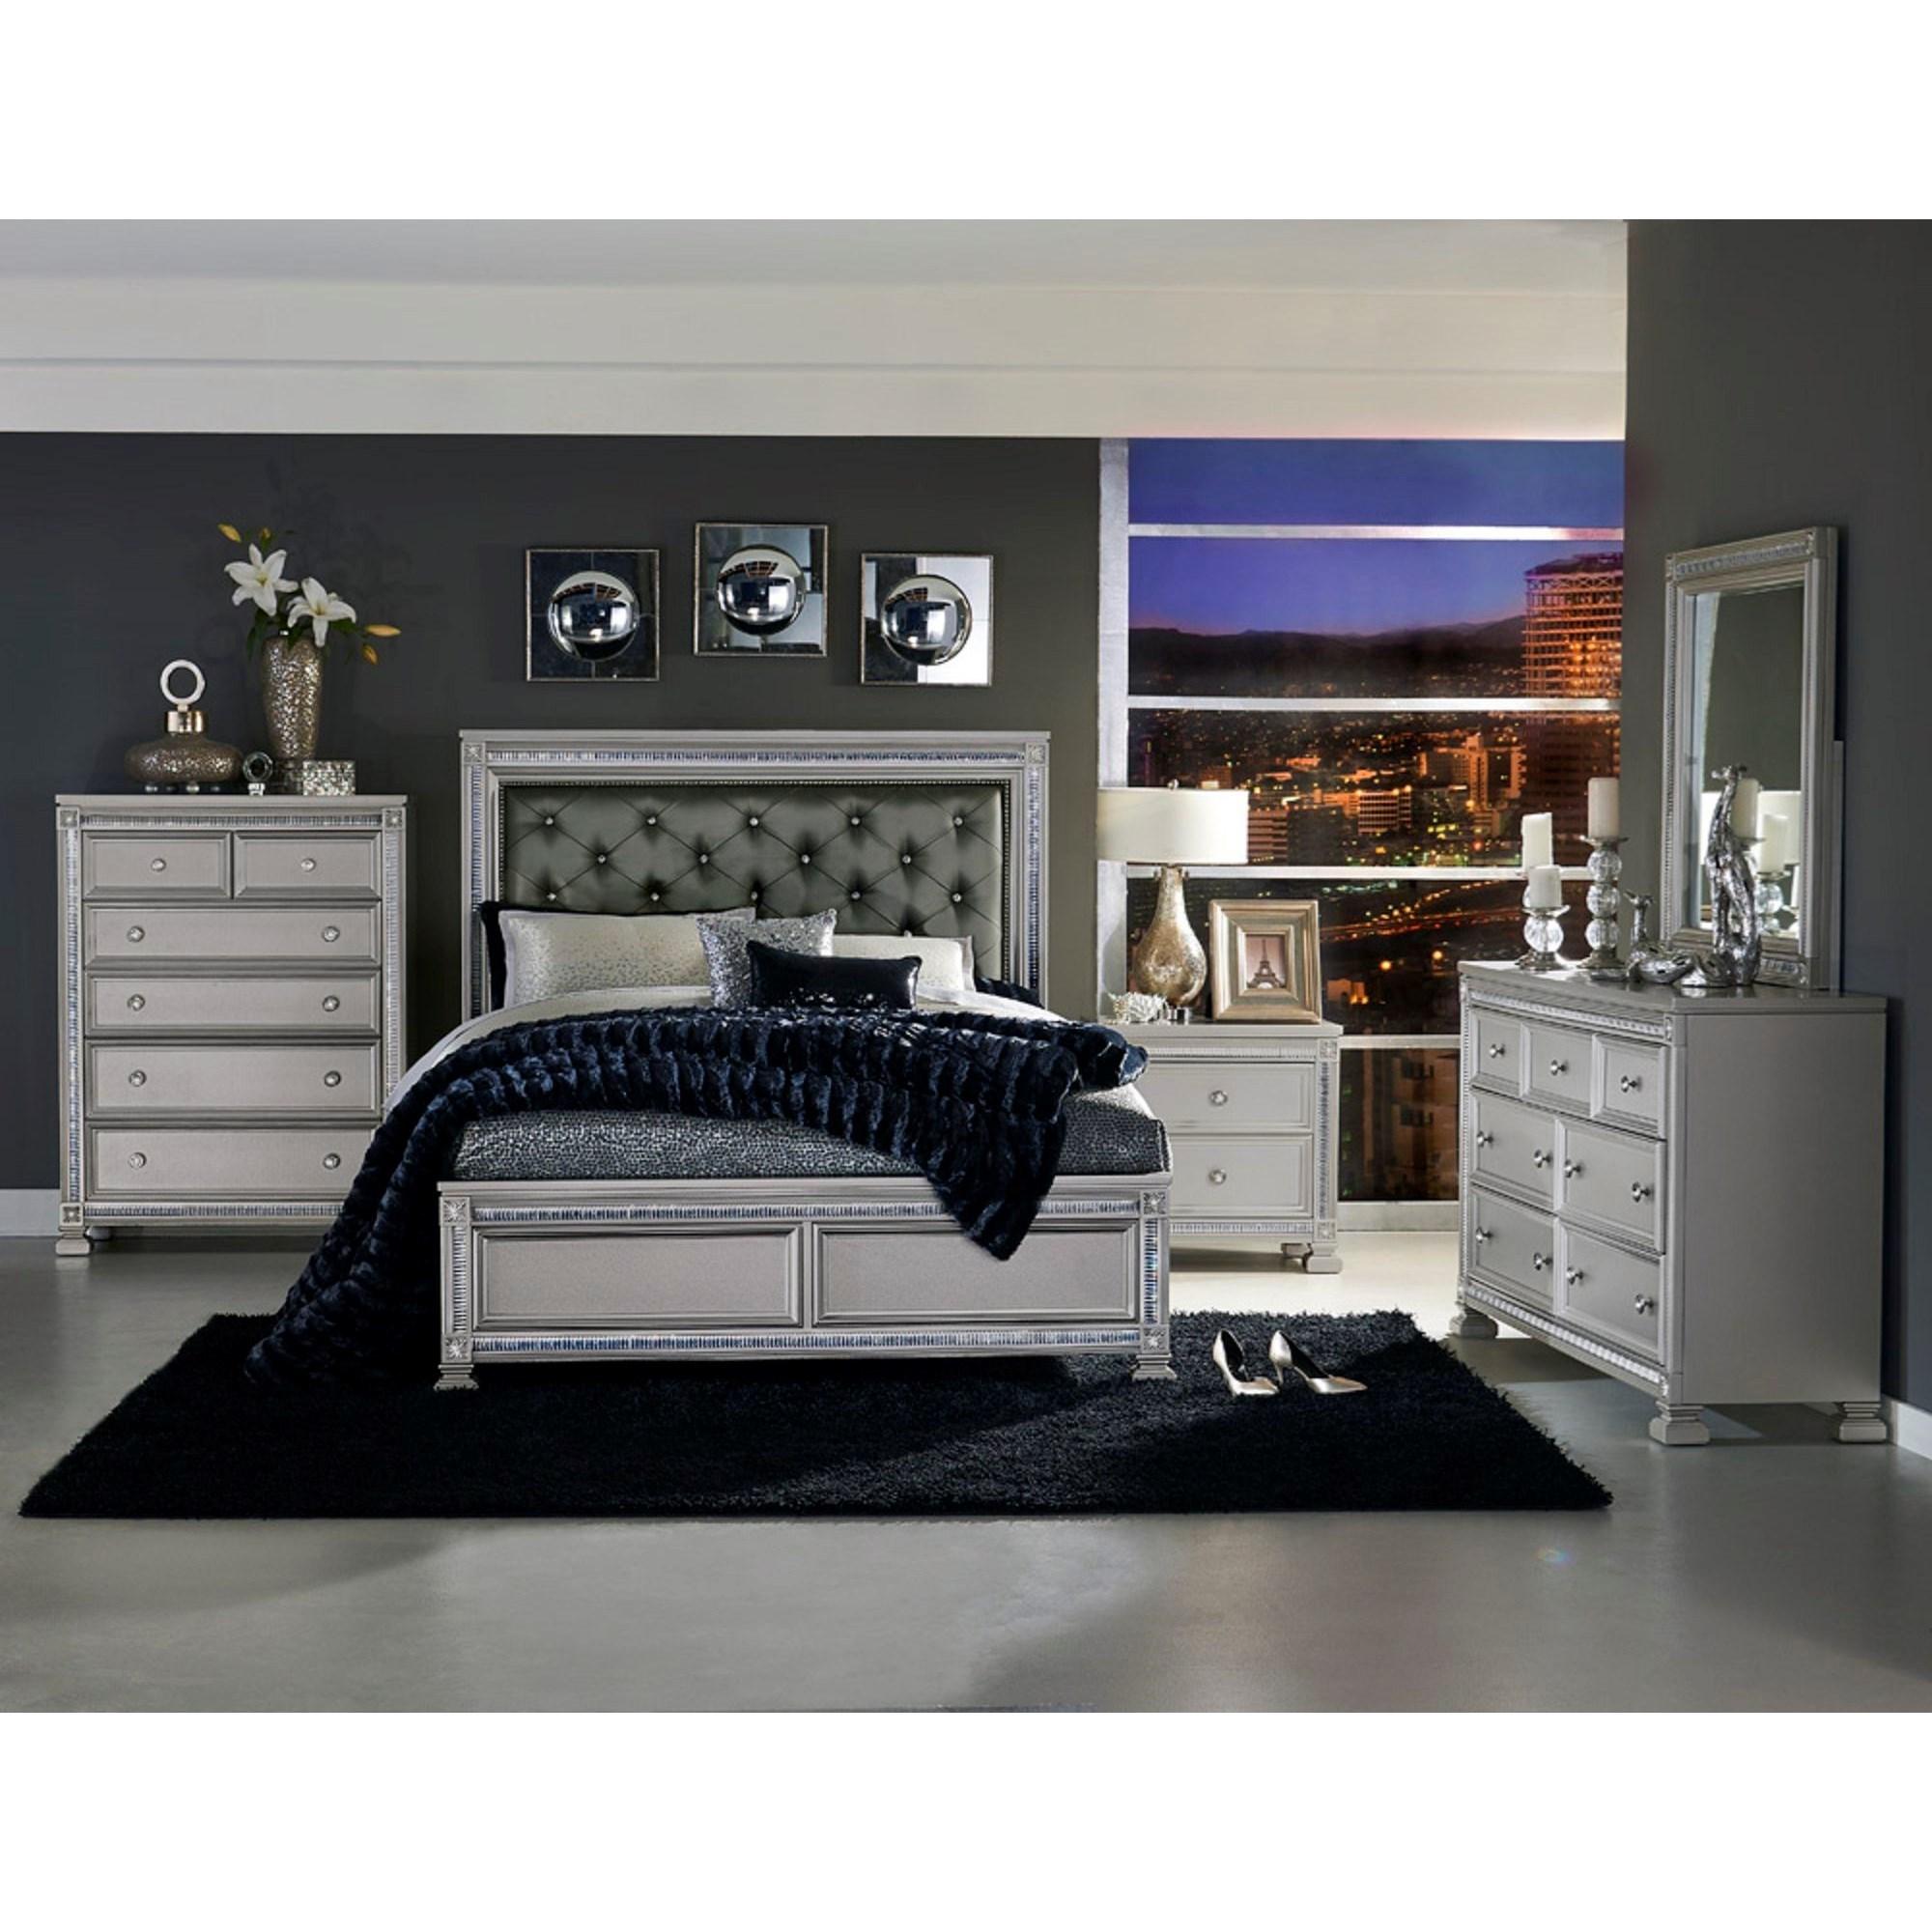 Exceptional Homelegance 1958 Queen Bedroom Group